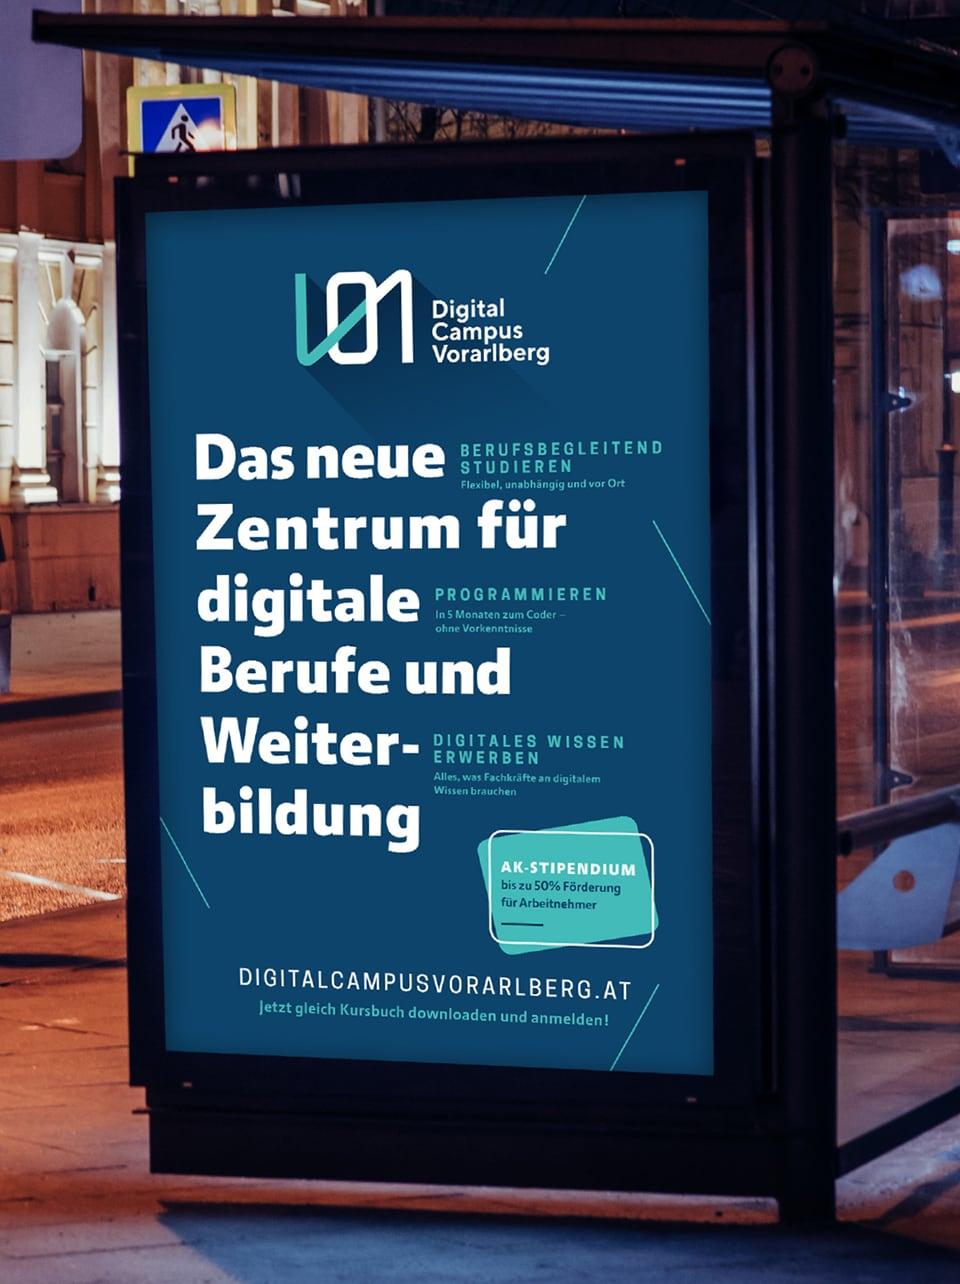 Citylight Bewerbung des Digital Campus Vorarlberg mit Das neue Zentrum für digitale Berufe und Weiterbildung